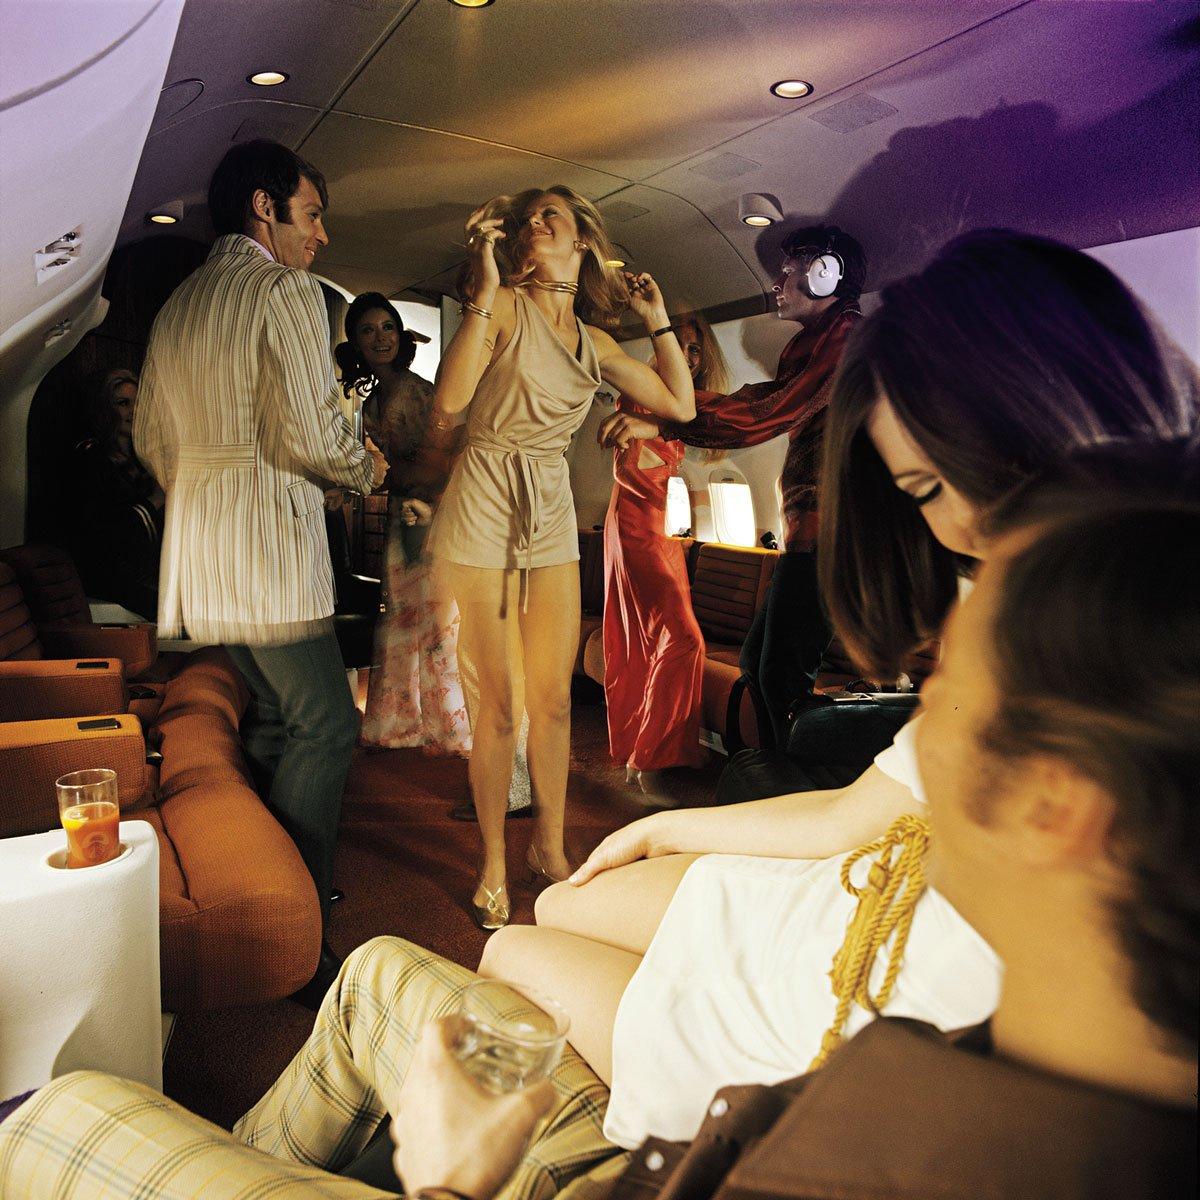 dc 9 playboy 5 - Самолет основателя Playboy  - первенец деловой авиации